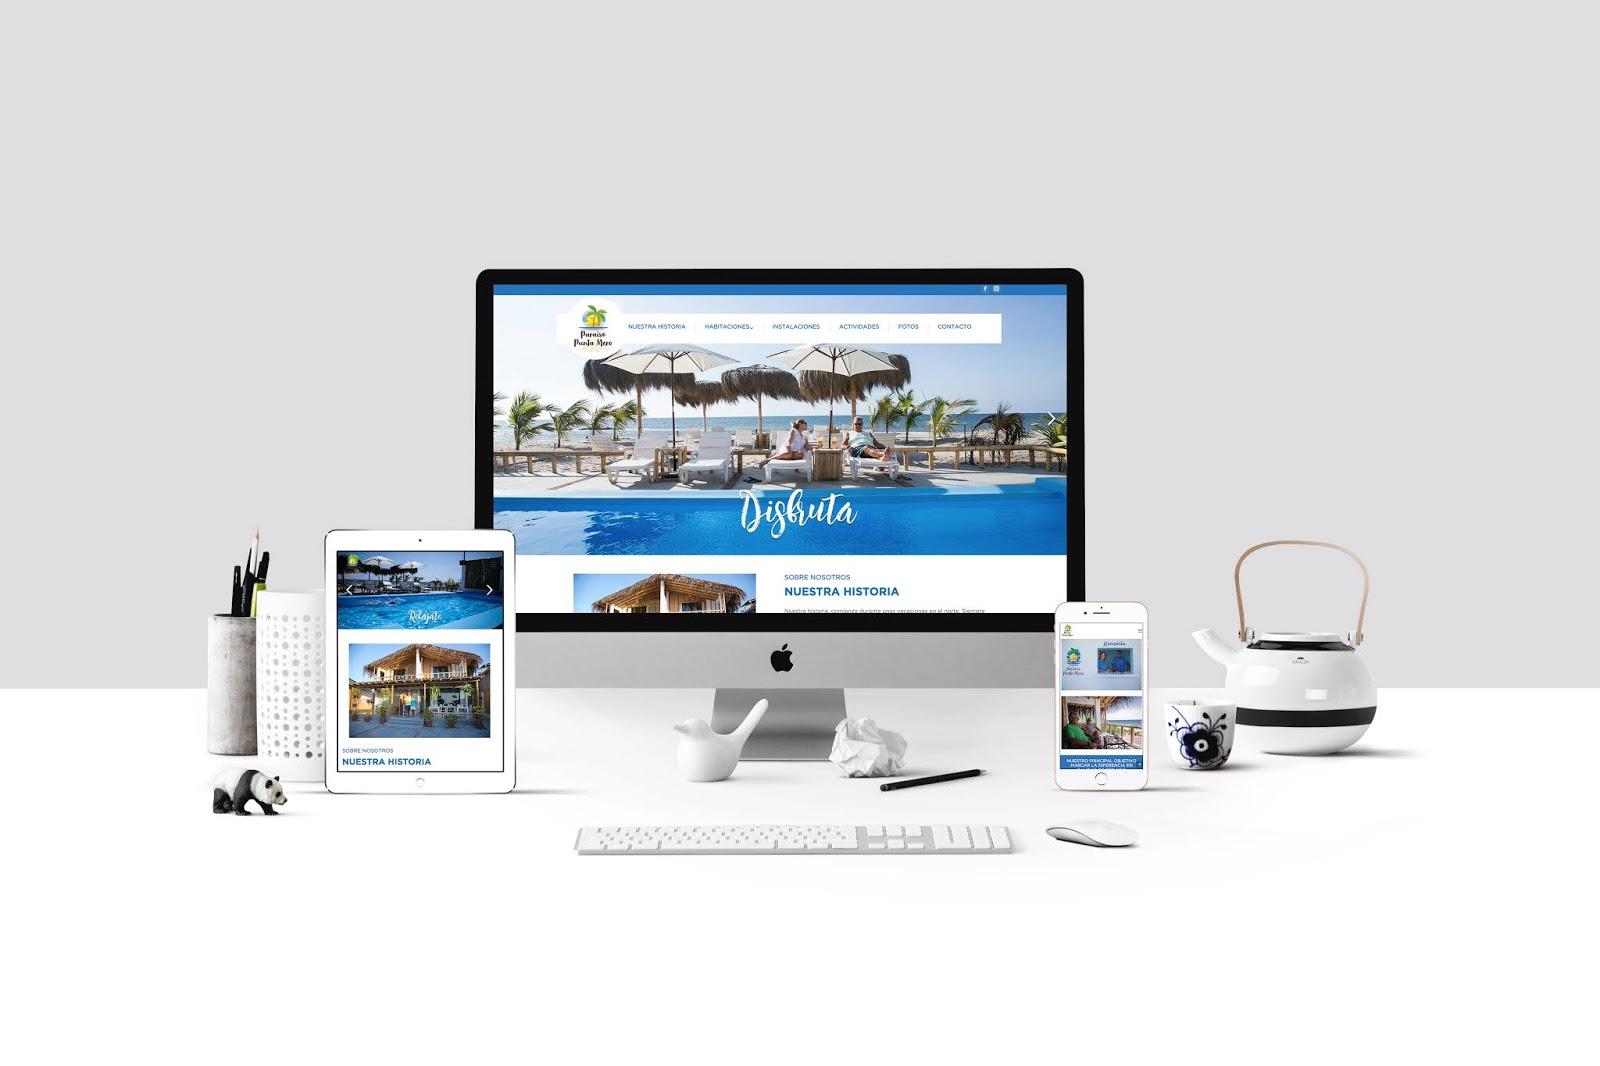 Diseño Web Paraíso Punta mero